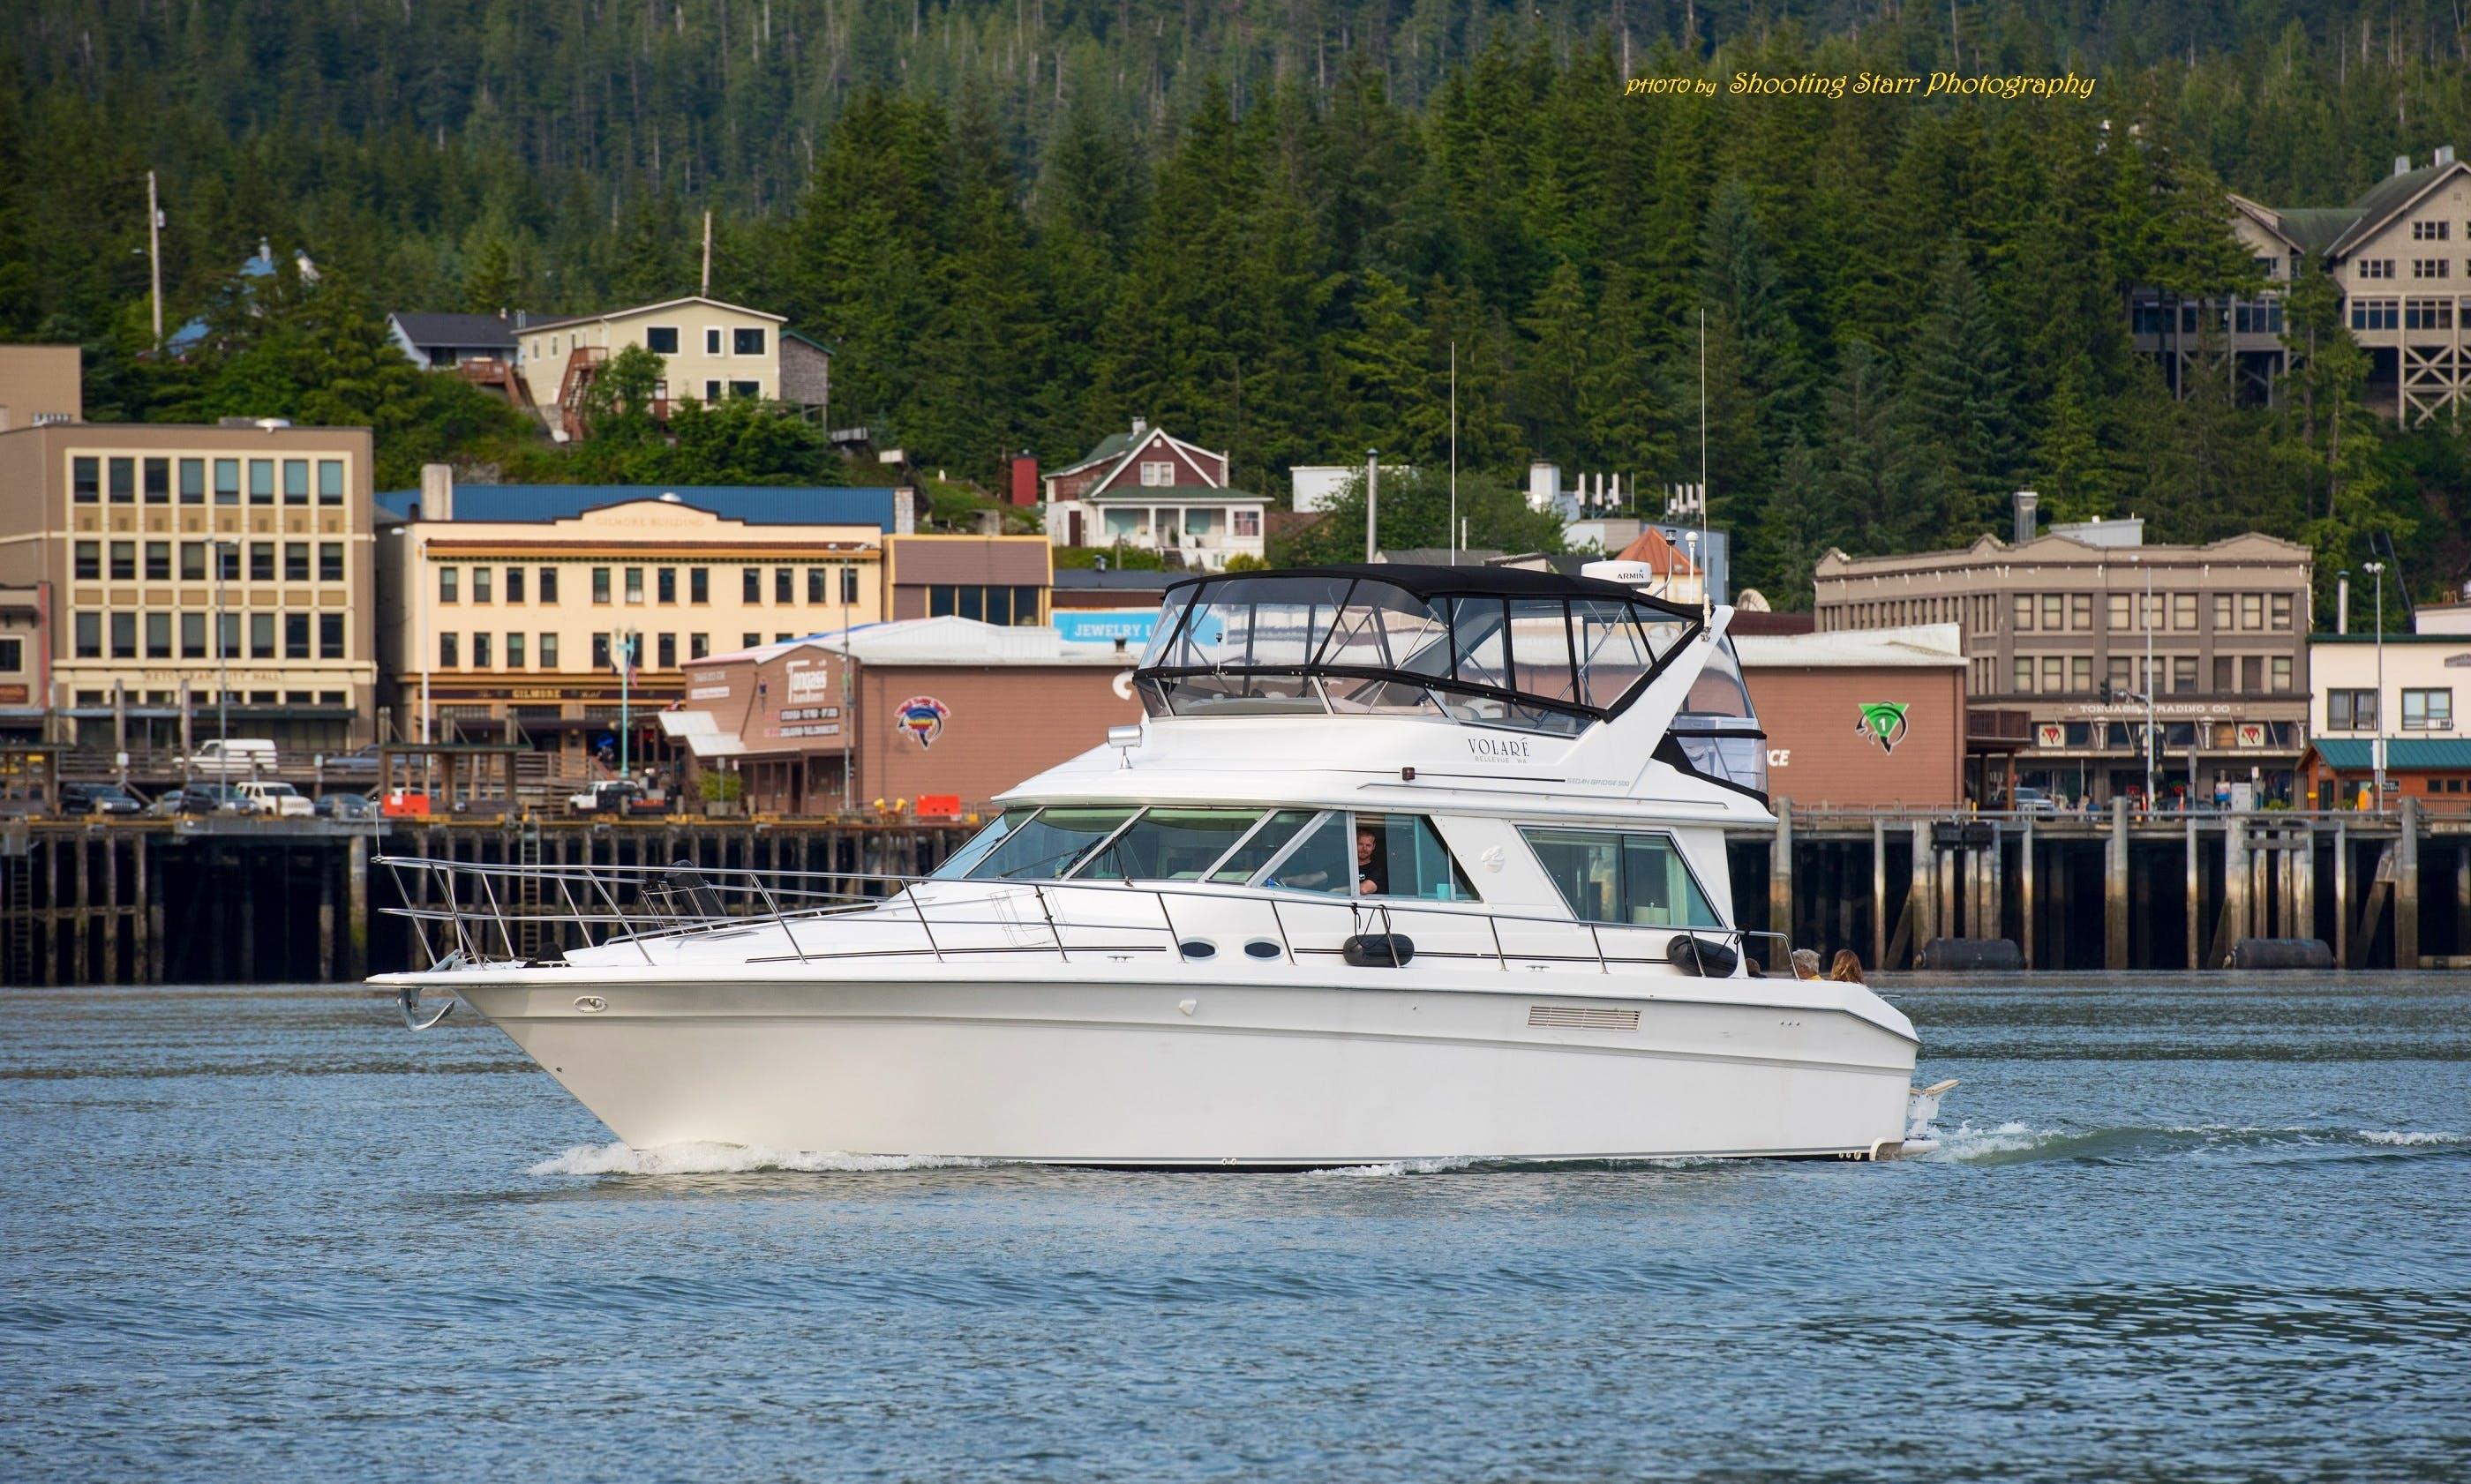 Motor Yacht sleep aboard rental in Ketchikan, Alaska